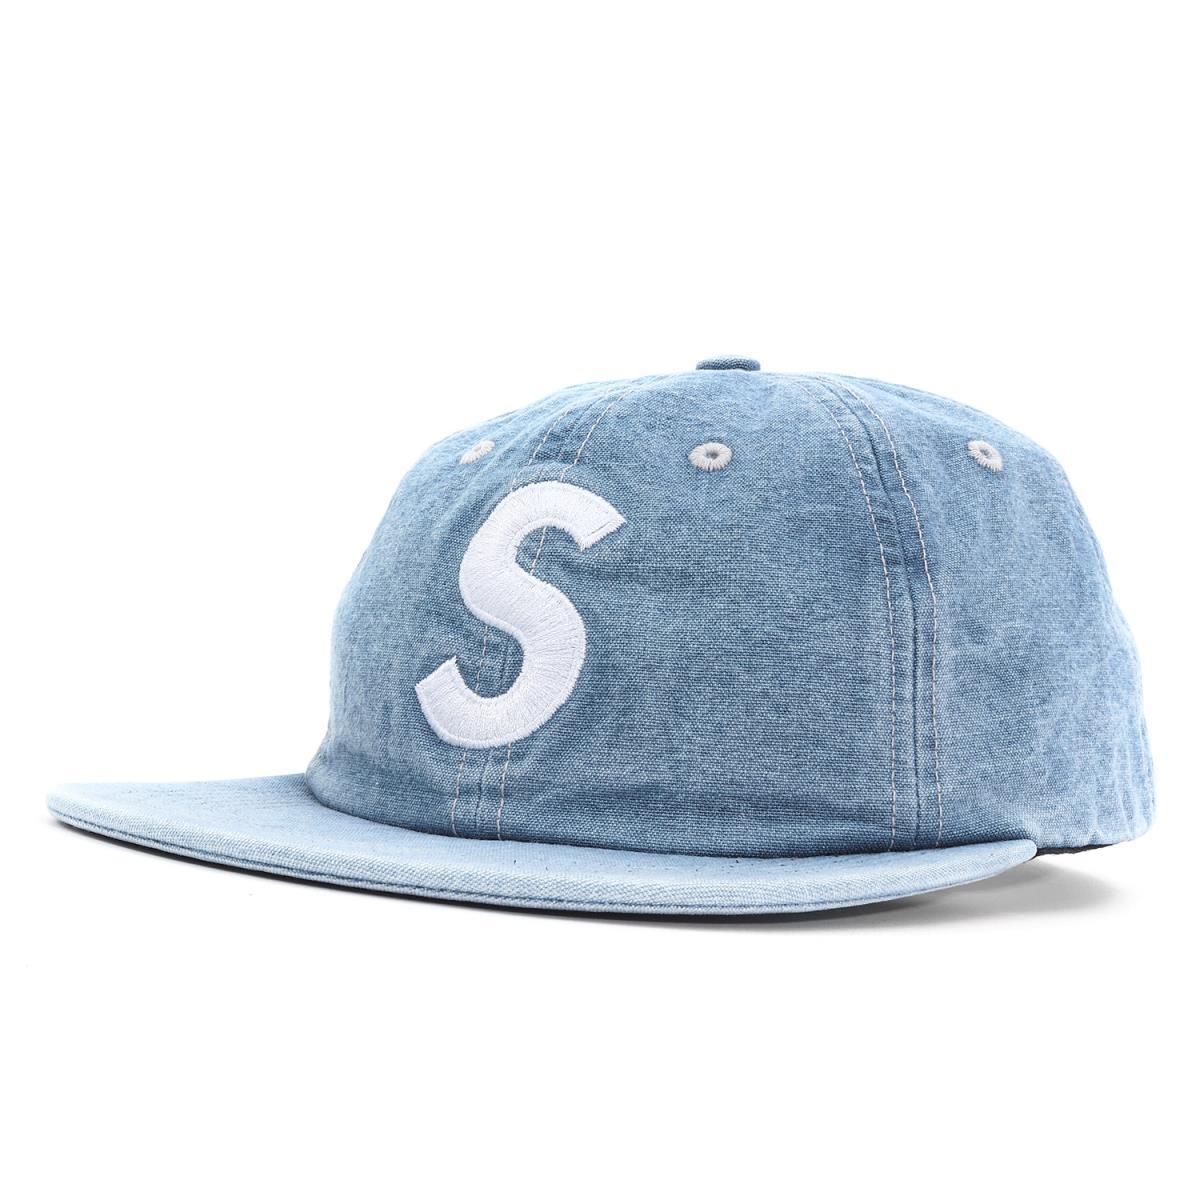 Supreme (シュプリーム) 18S/S シャンブレーSロゴ6パネルキャップ(Washed Chambray S Logo 6-Panel) ブルー 【メンズ】【美品】【K2035】【中古】【あす楽☆対応可】